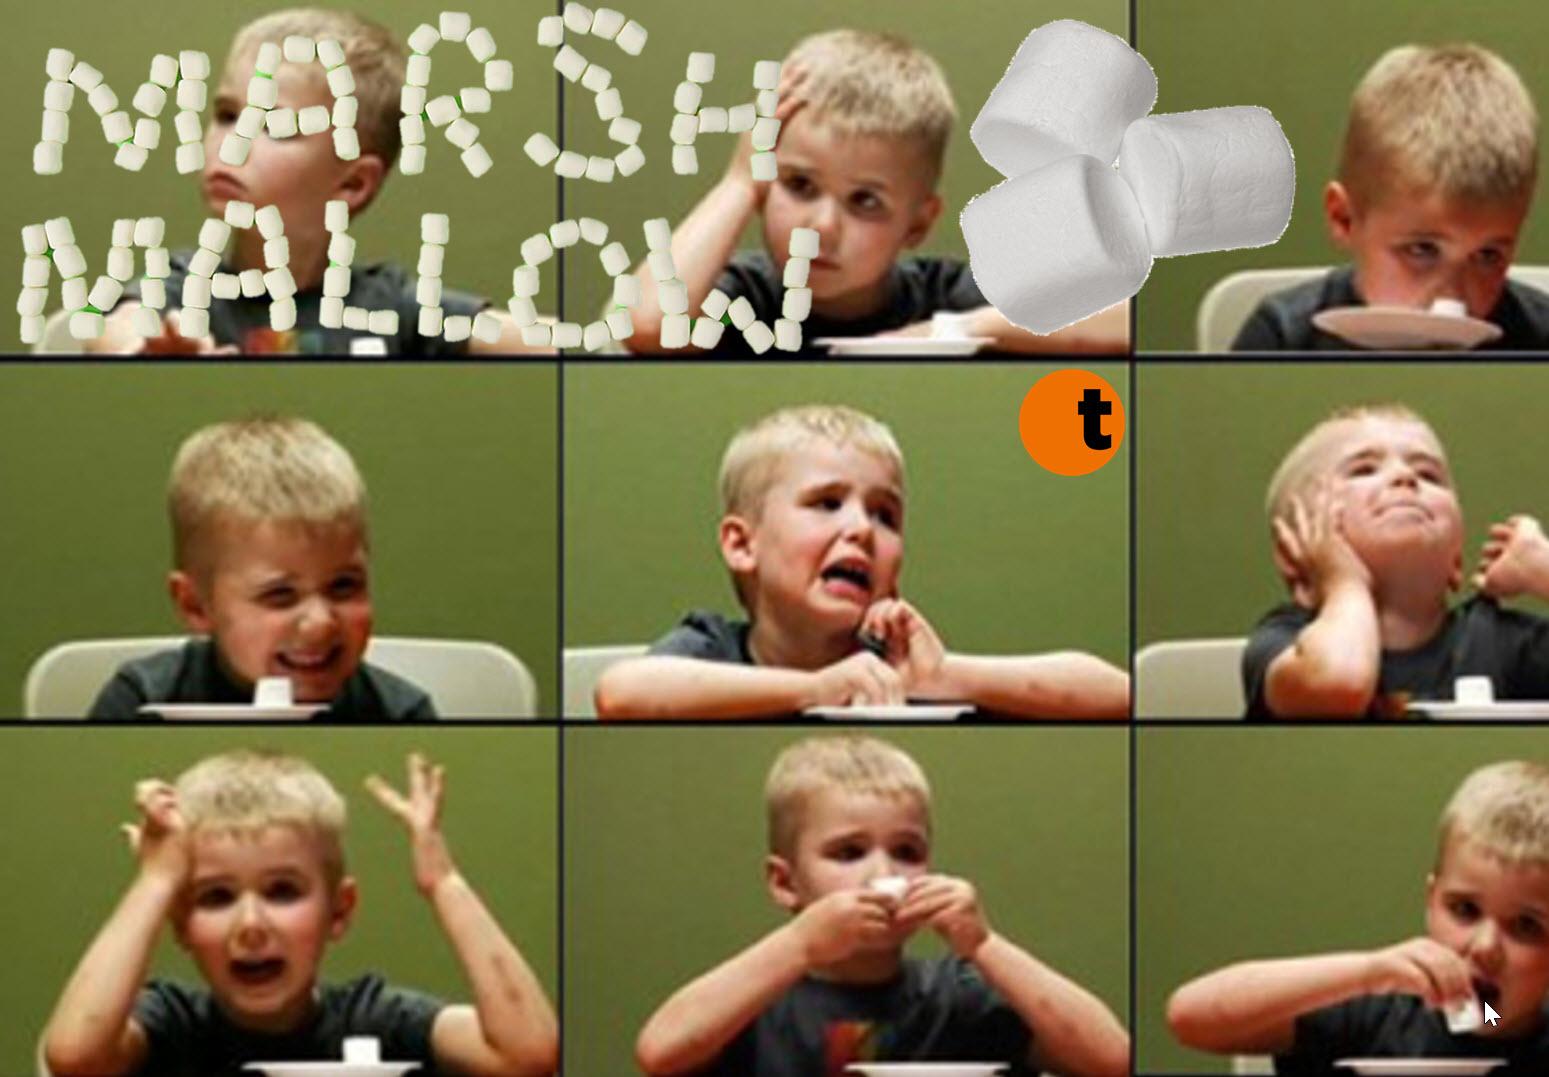 Marshmallow-t